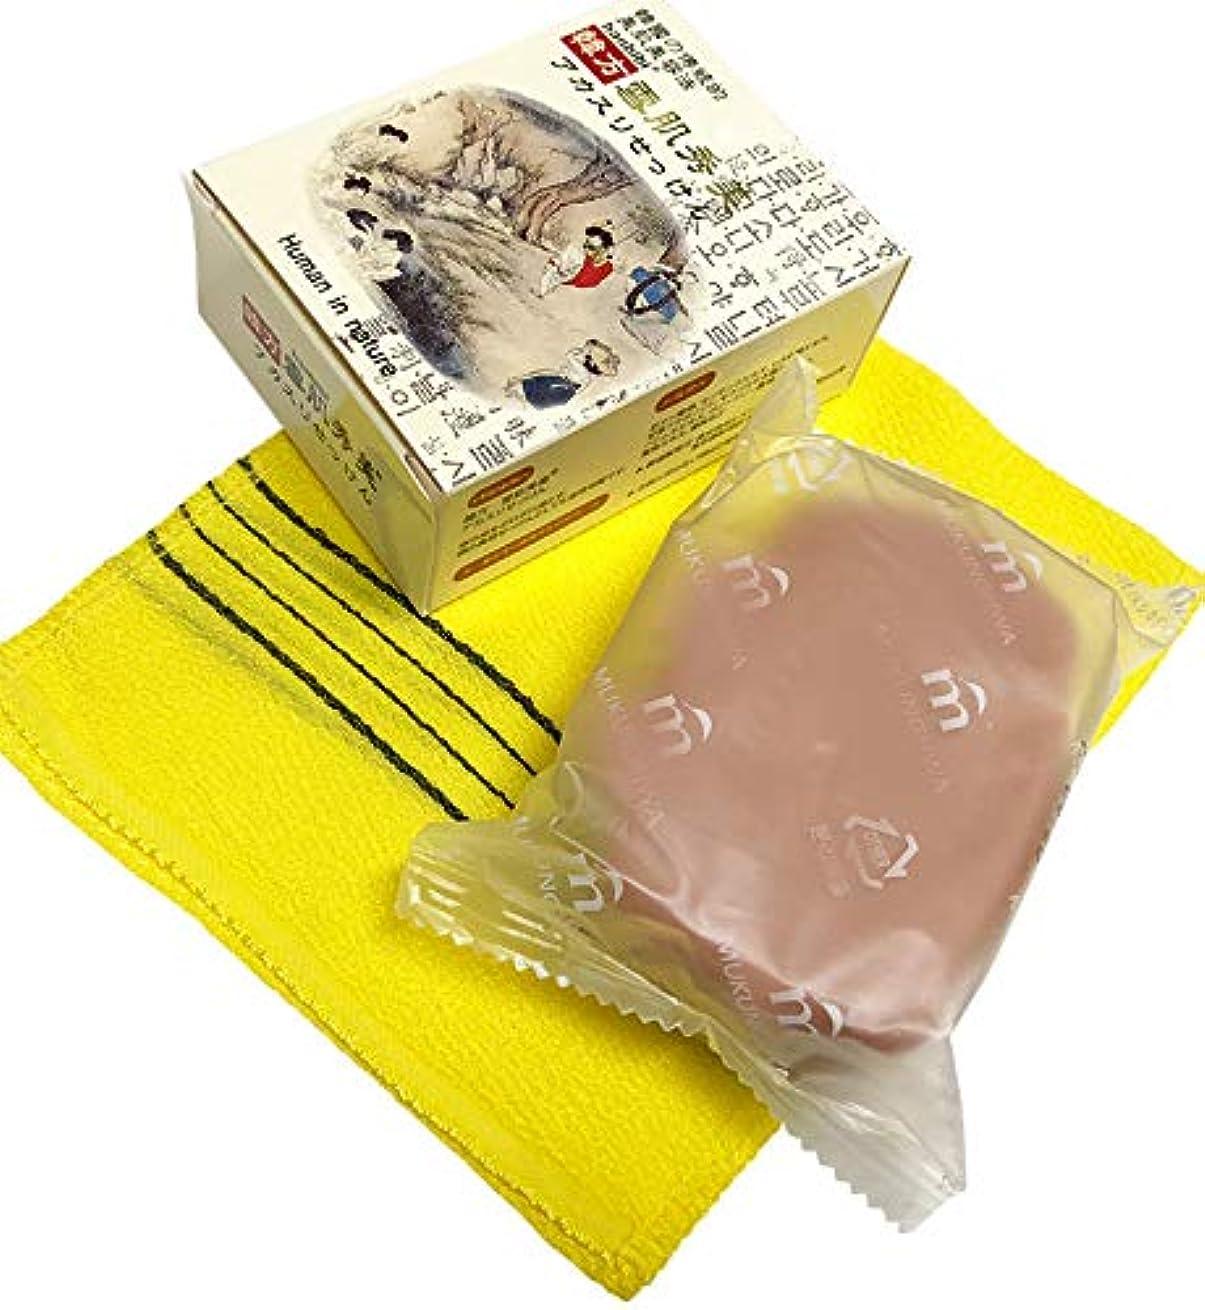 サバント持続的殺します顔、体兼用、蜂蜜香りの韓方石ケン、韓国コスメ 韓方[]蜂蜜アカスリせっけん アカスリ専用タオル付き